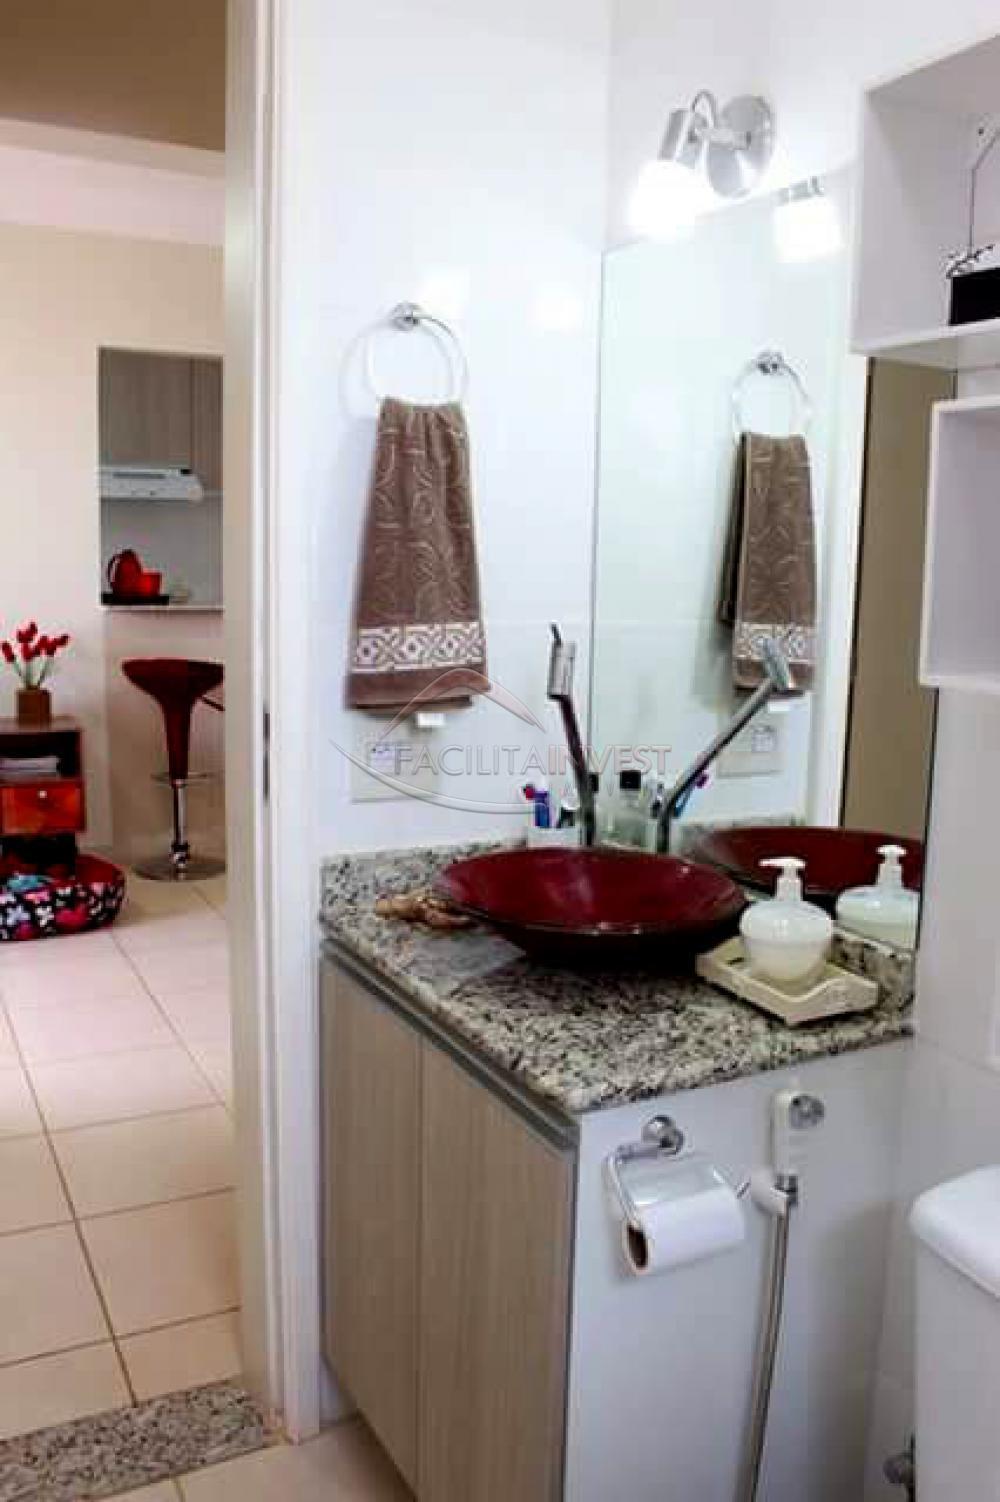 Comprar Apartamentos / Apart. Padrão em Ribeirão Preto apenas R$ 199.000,00 - Foto 9